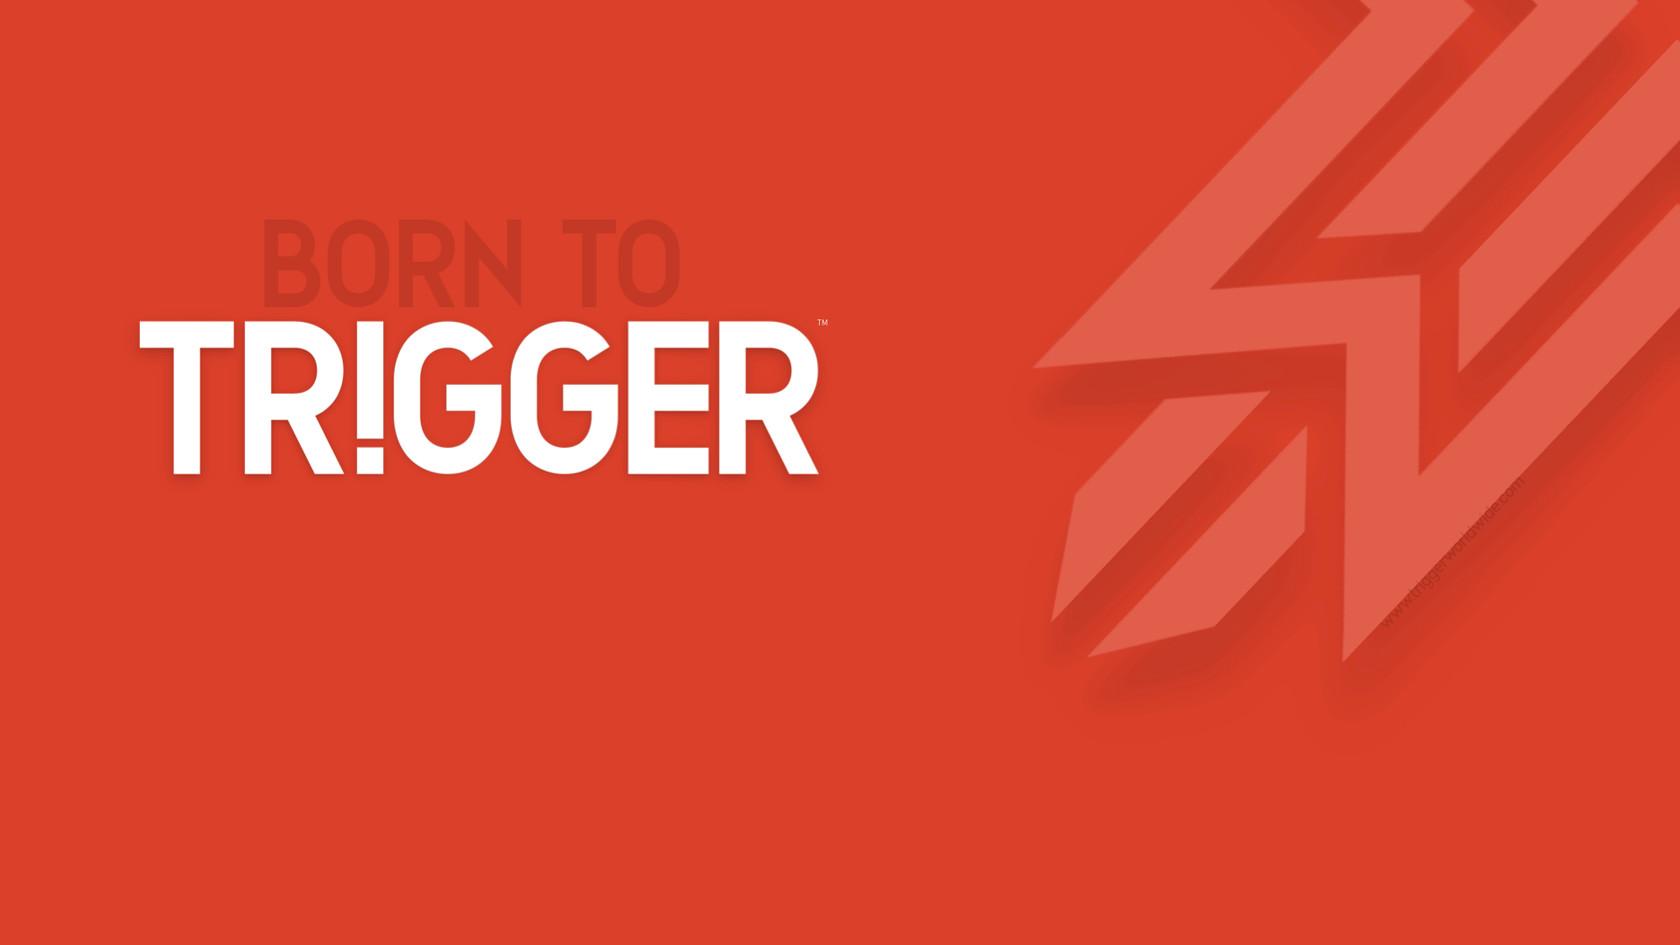 Trigger WallPaper Typo 4.jpg